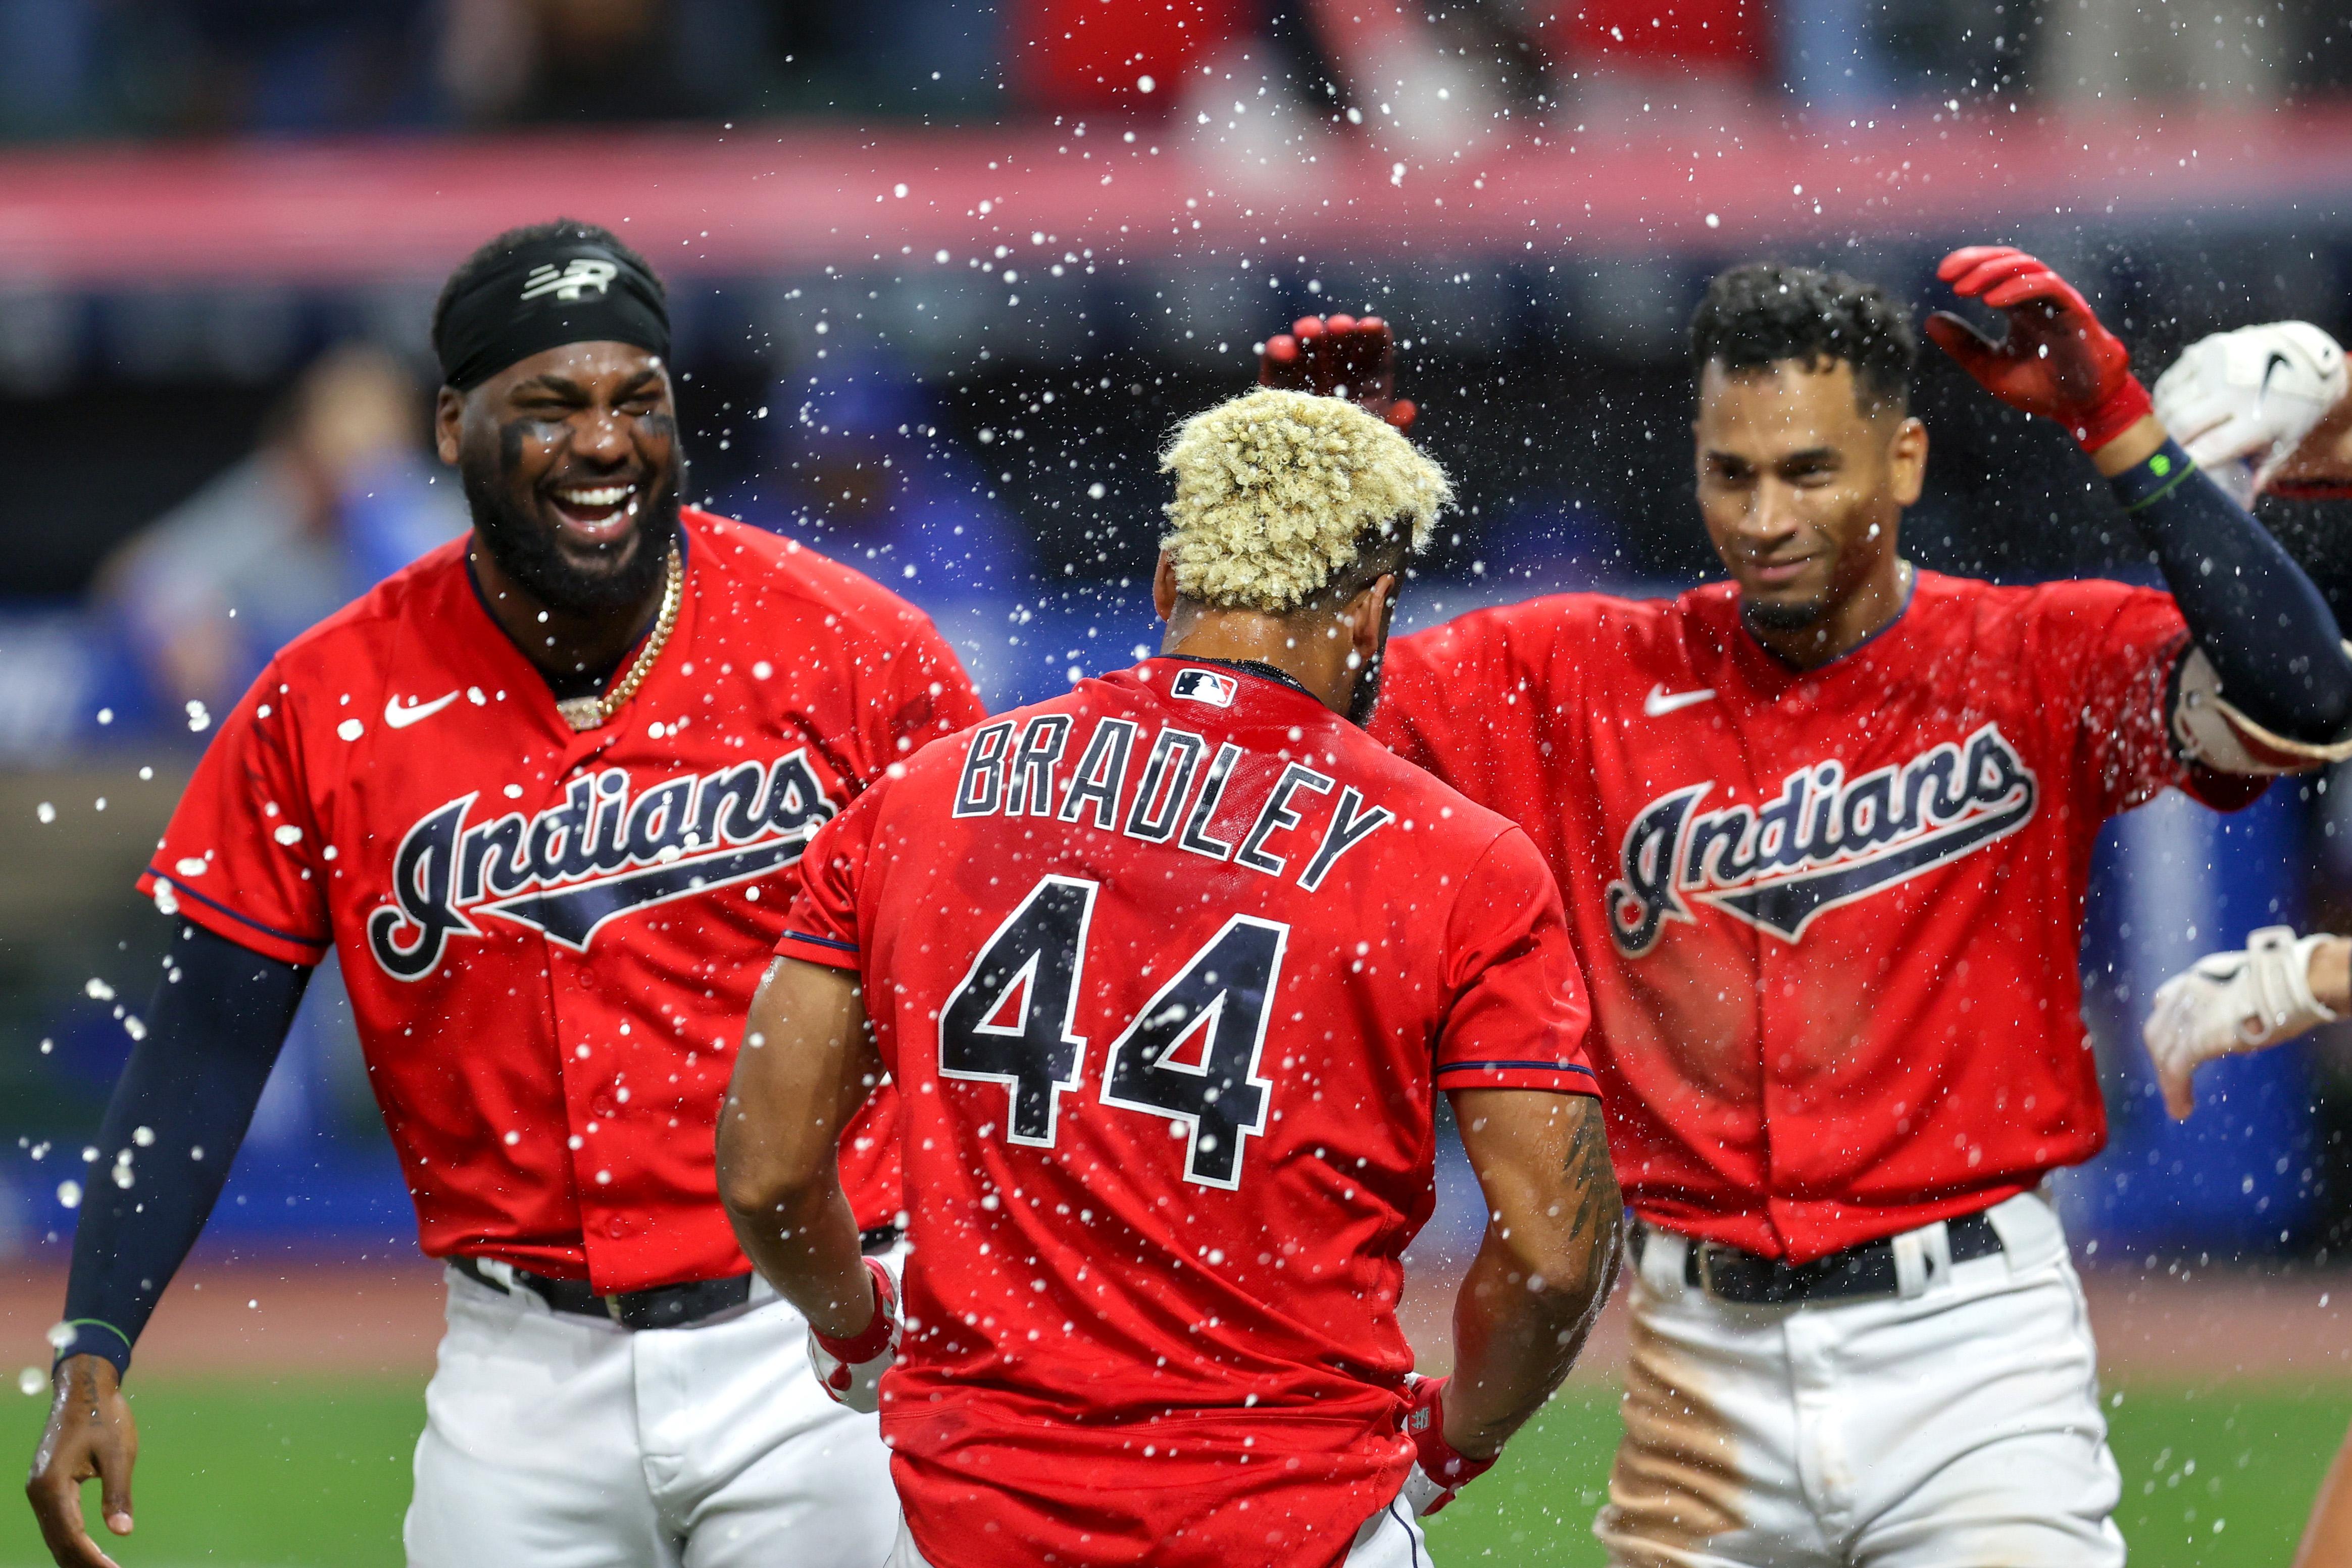 MLB: JUL 09 Royals at Indians